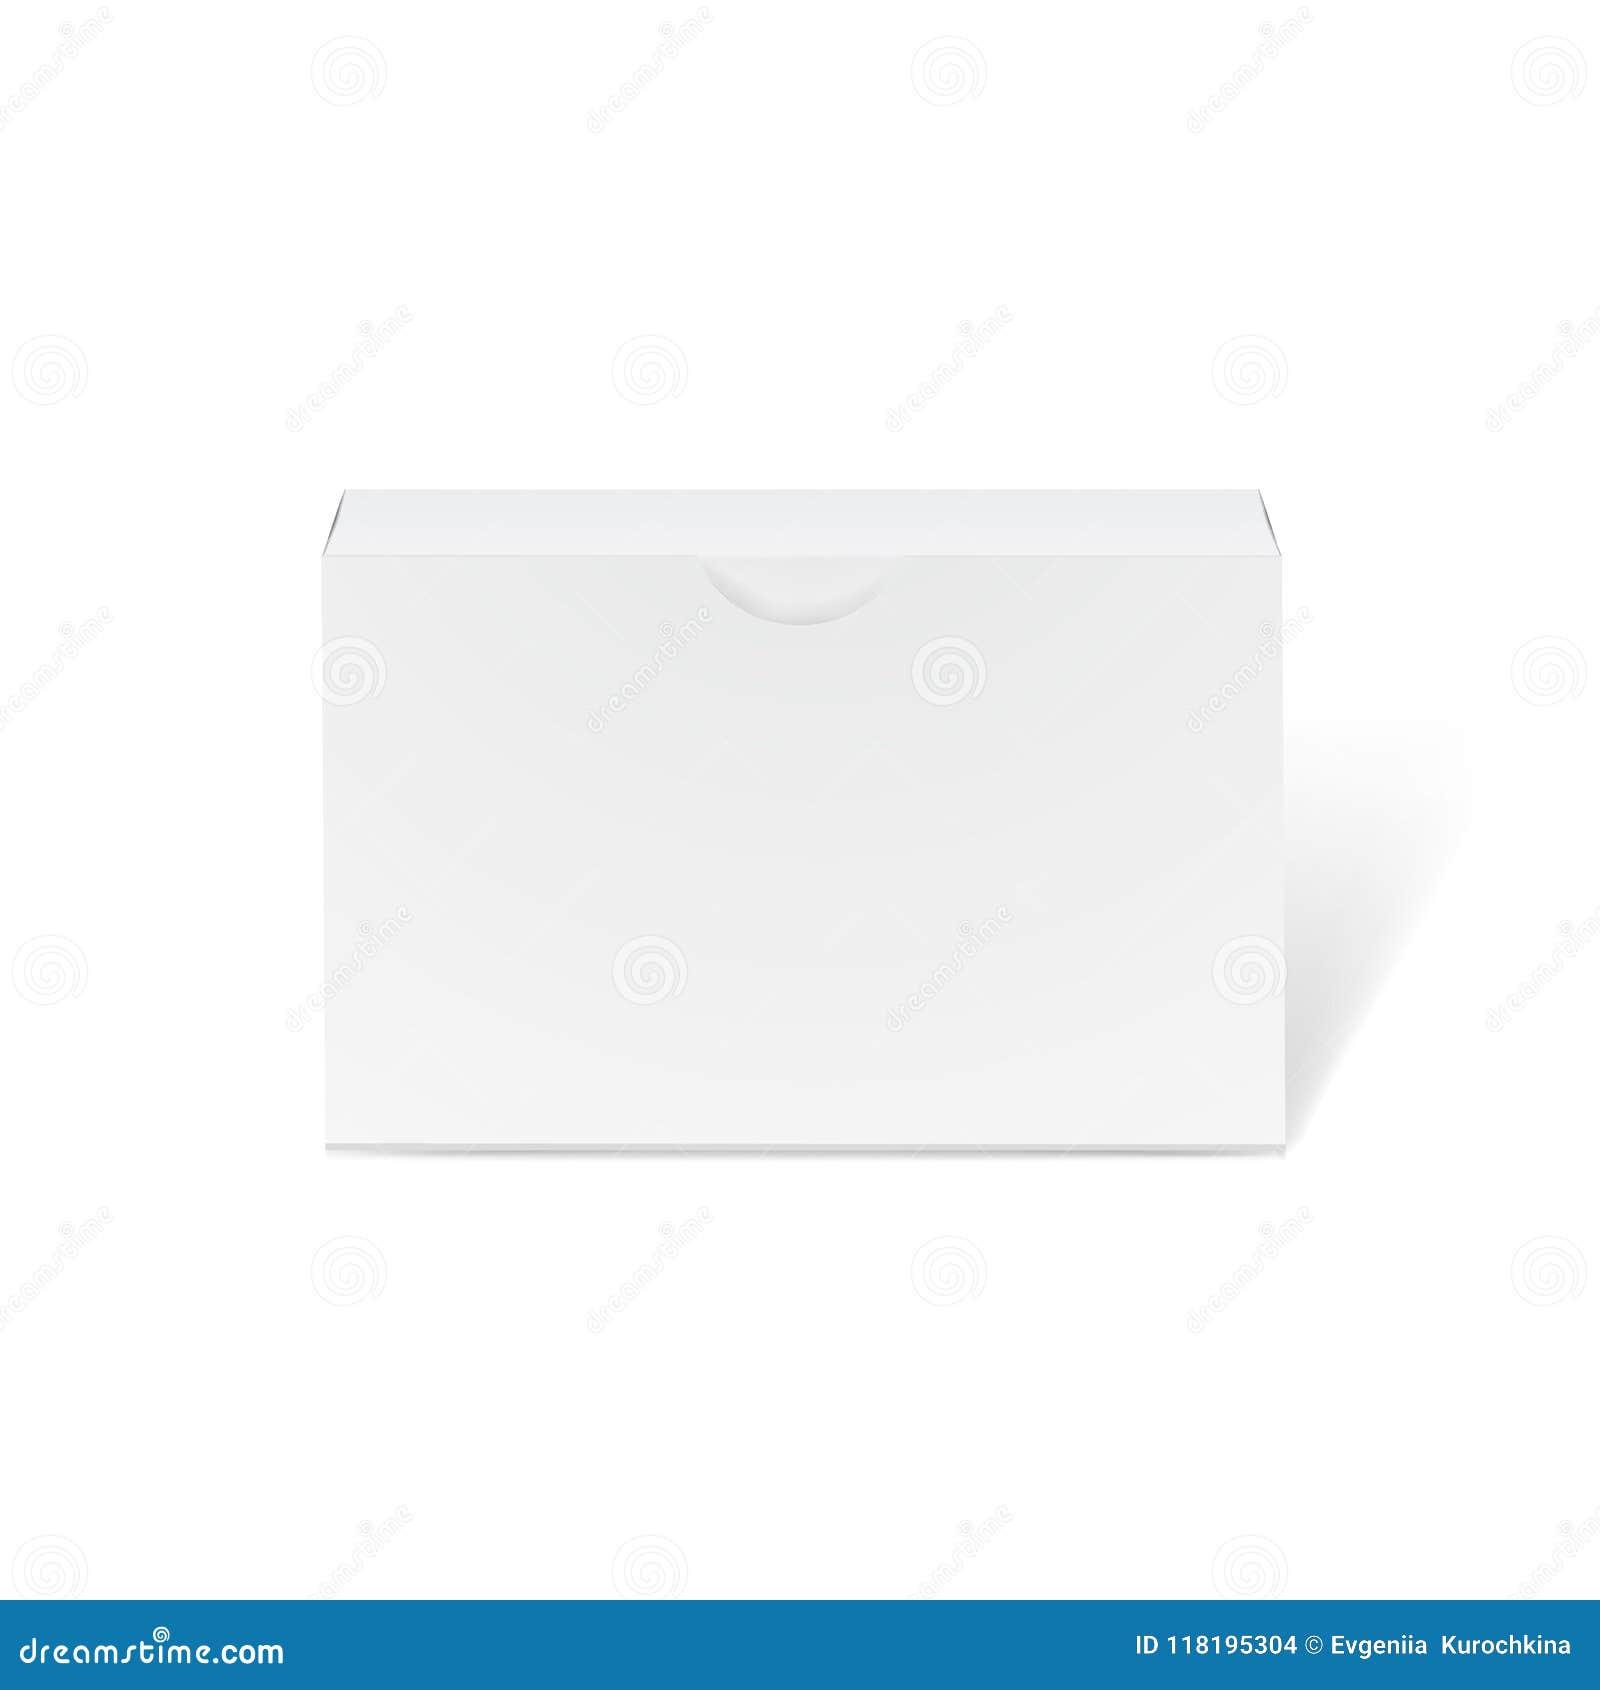 Длинный белый модель-макет картонной коробки - вид спереди Реалистическая картонная коробка, контейнер, упаковывая Насмешка вверх